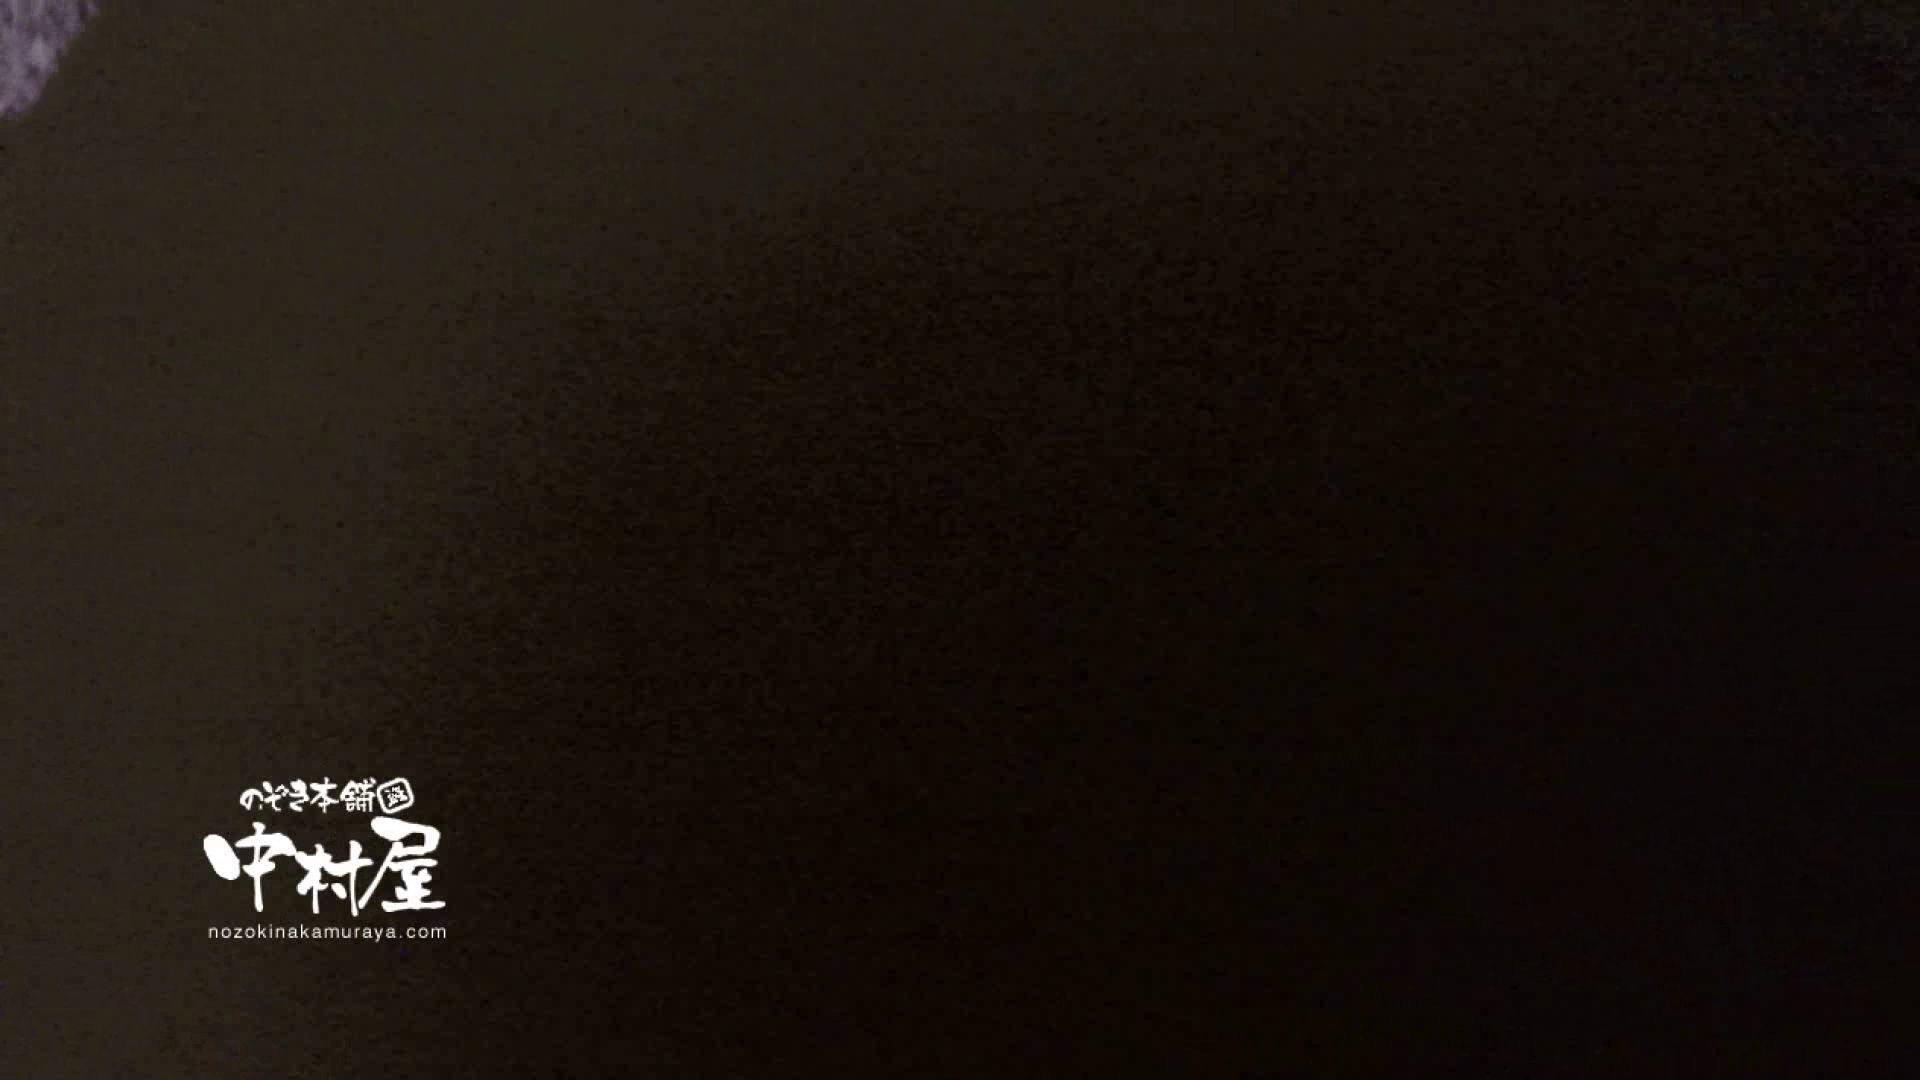 鬼畜 vol.10 あぁ無情…中出しパイパン! 前編 鬼畜  76PIX 39